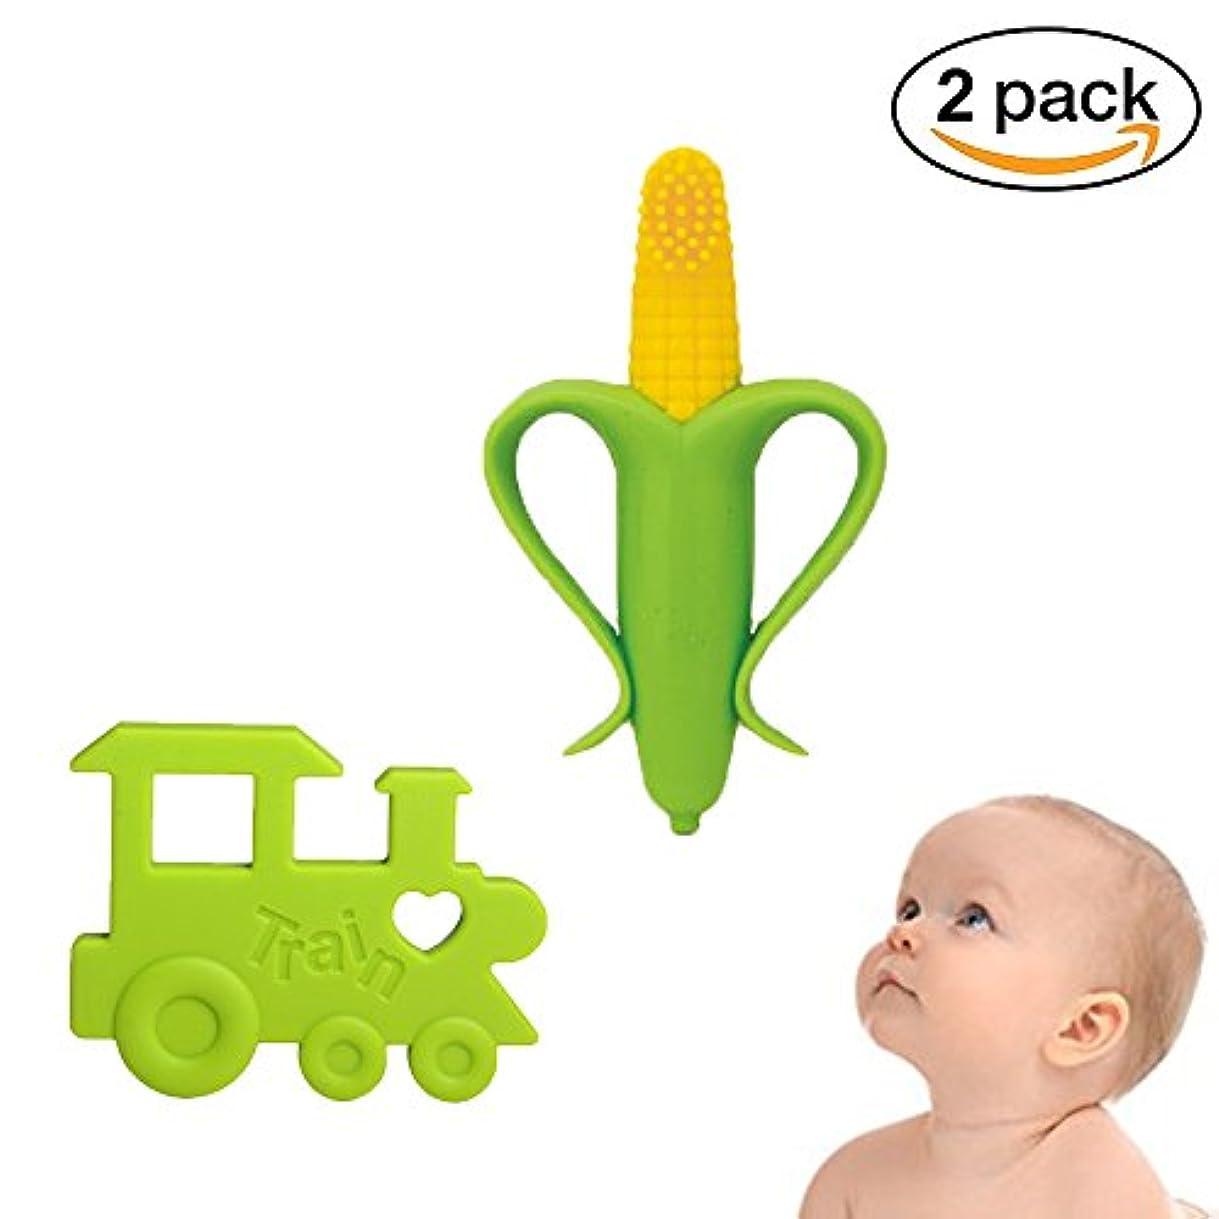 確かにカバレッジ満足電車チュアブル歯が生える玩具、痛み歯茎の痛みを軽減、BPAフリーでINCHANT赤ちゃんシリコーントレーニング歯ブラシやおしゃぶり